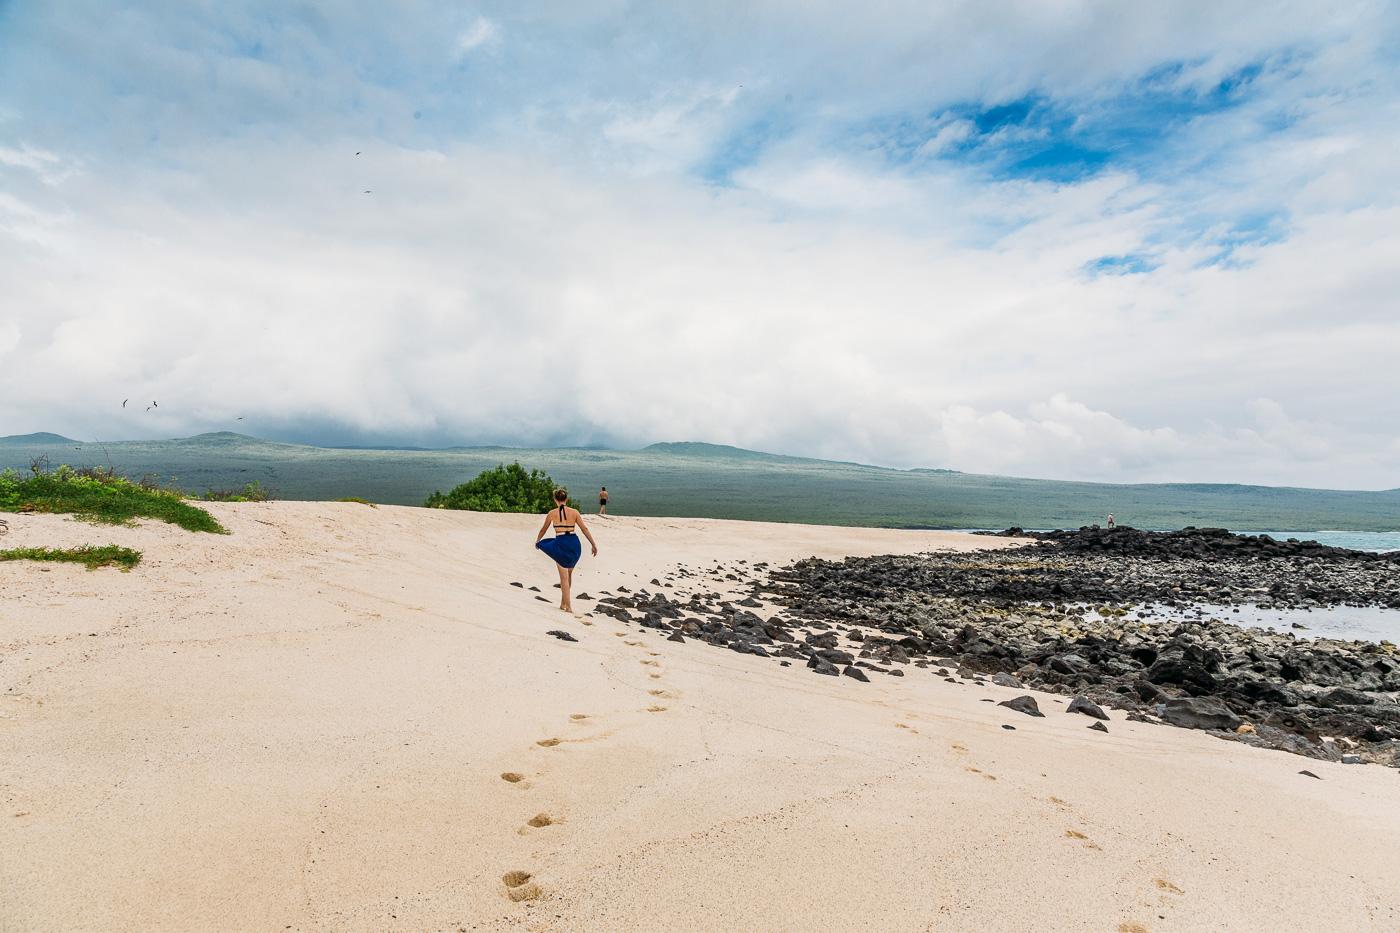 Galapagos - Leon Dormino (Kicker Rock) (56 of 61) June 15